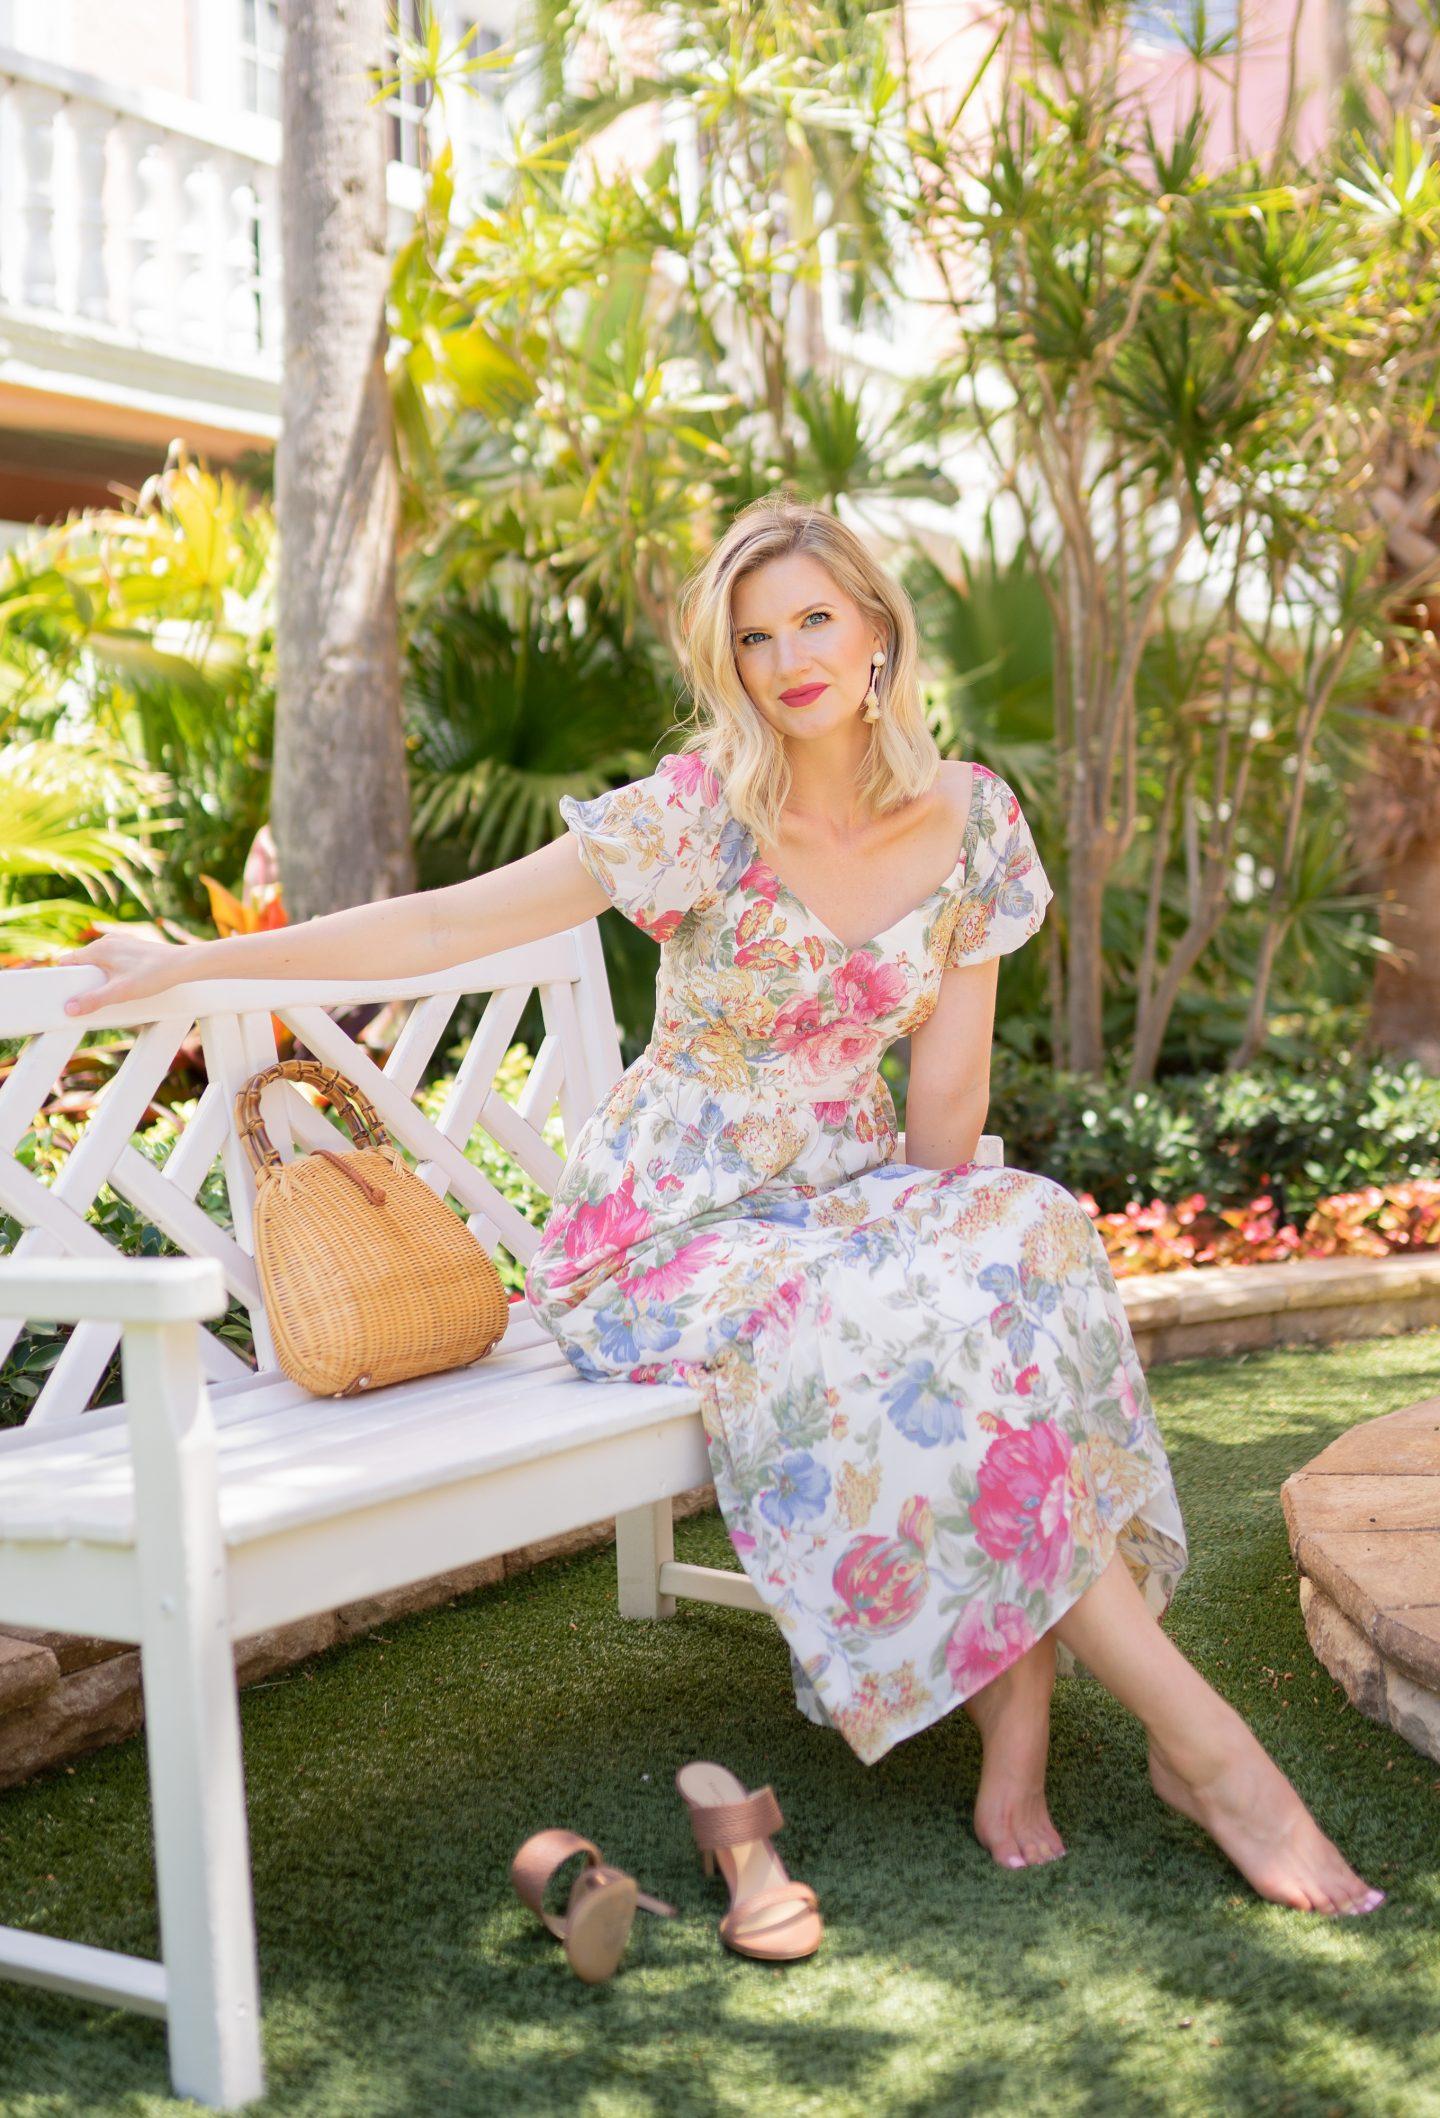 Ashley Brooke press image on www.ashleybrookedesigns.com